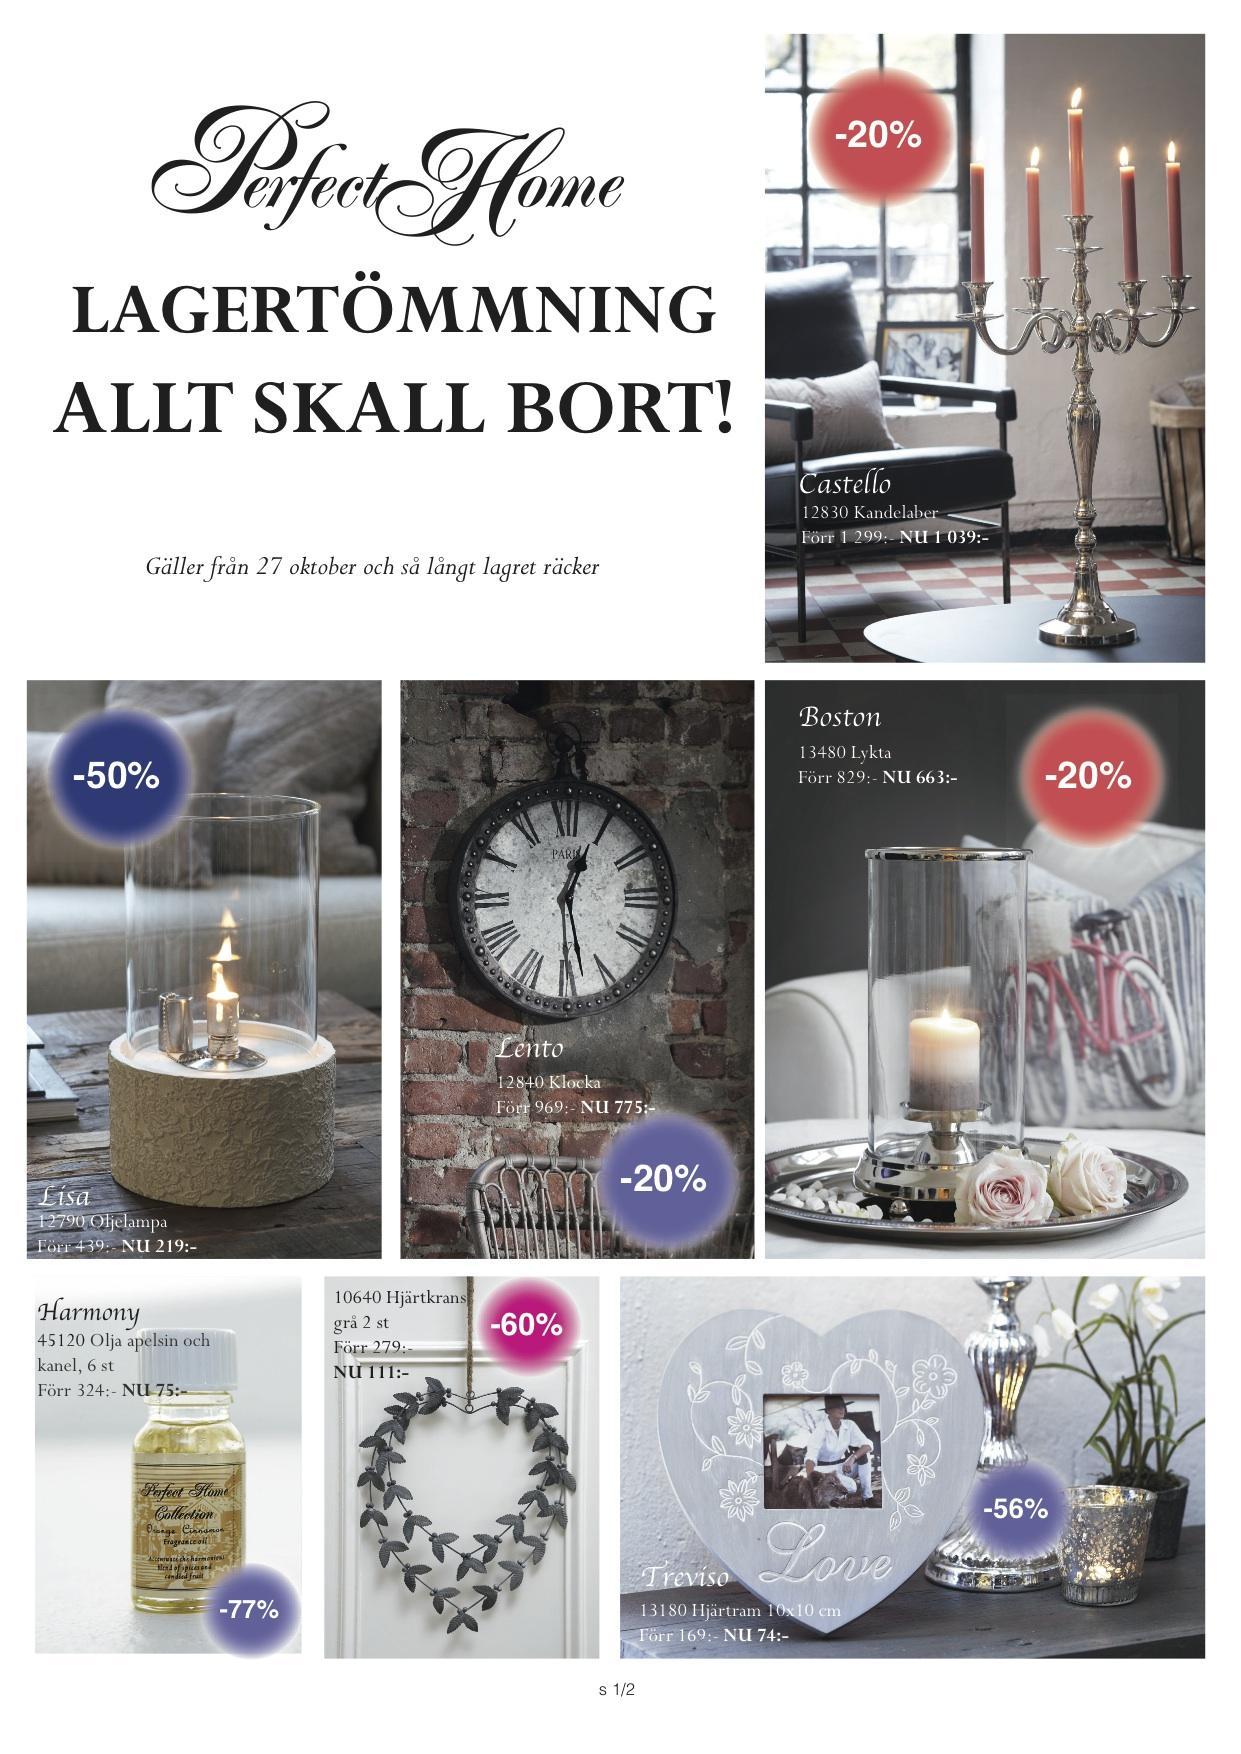 Perfect home Lagerrensning ALLT SKALL BORT!